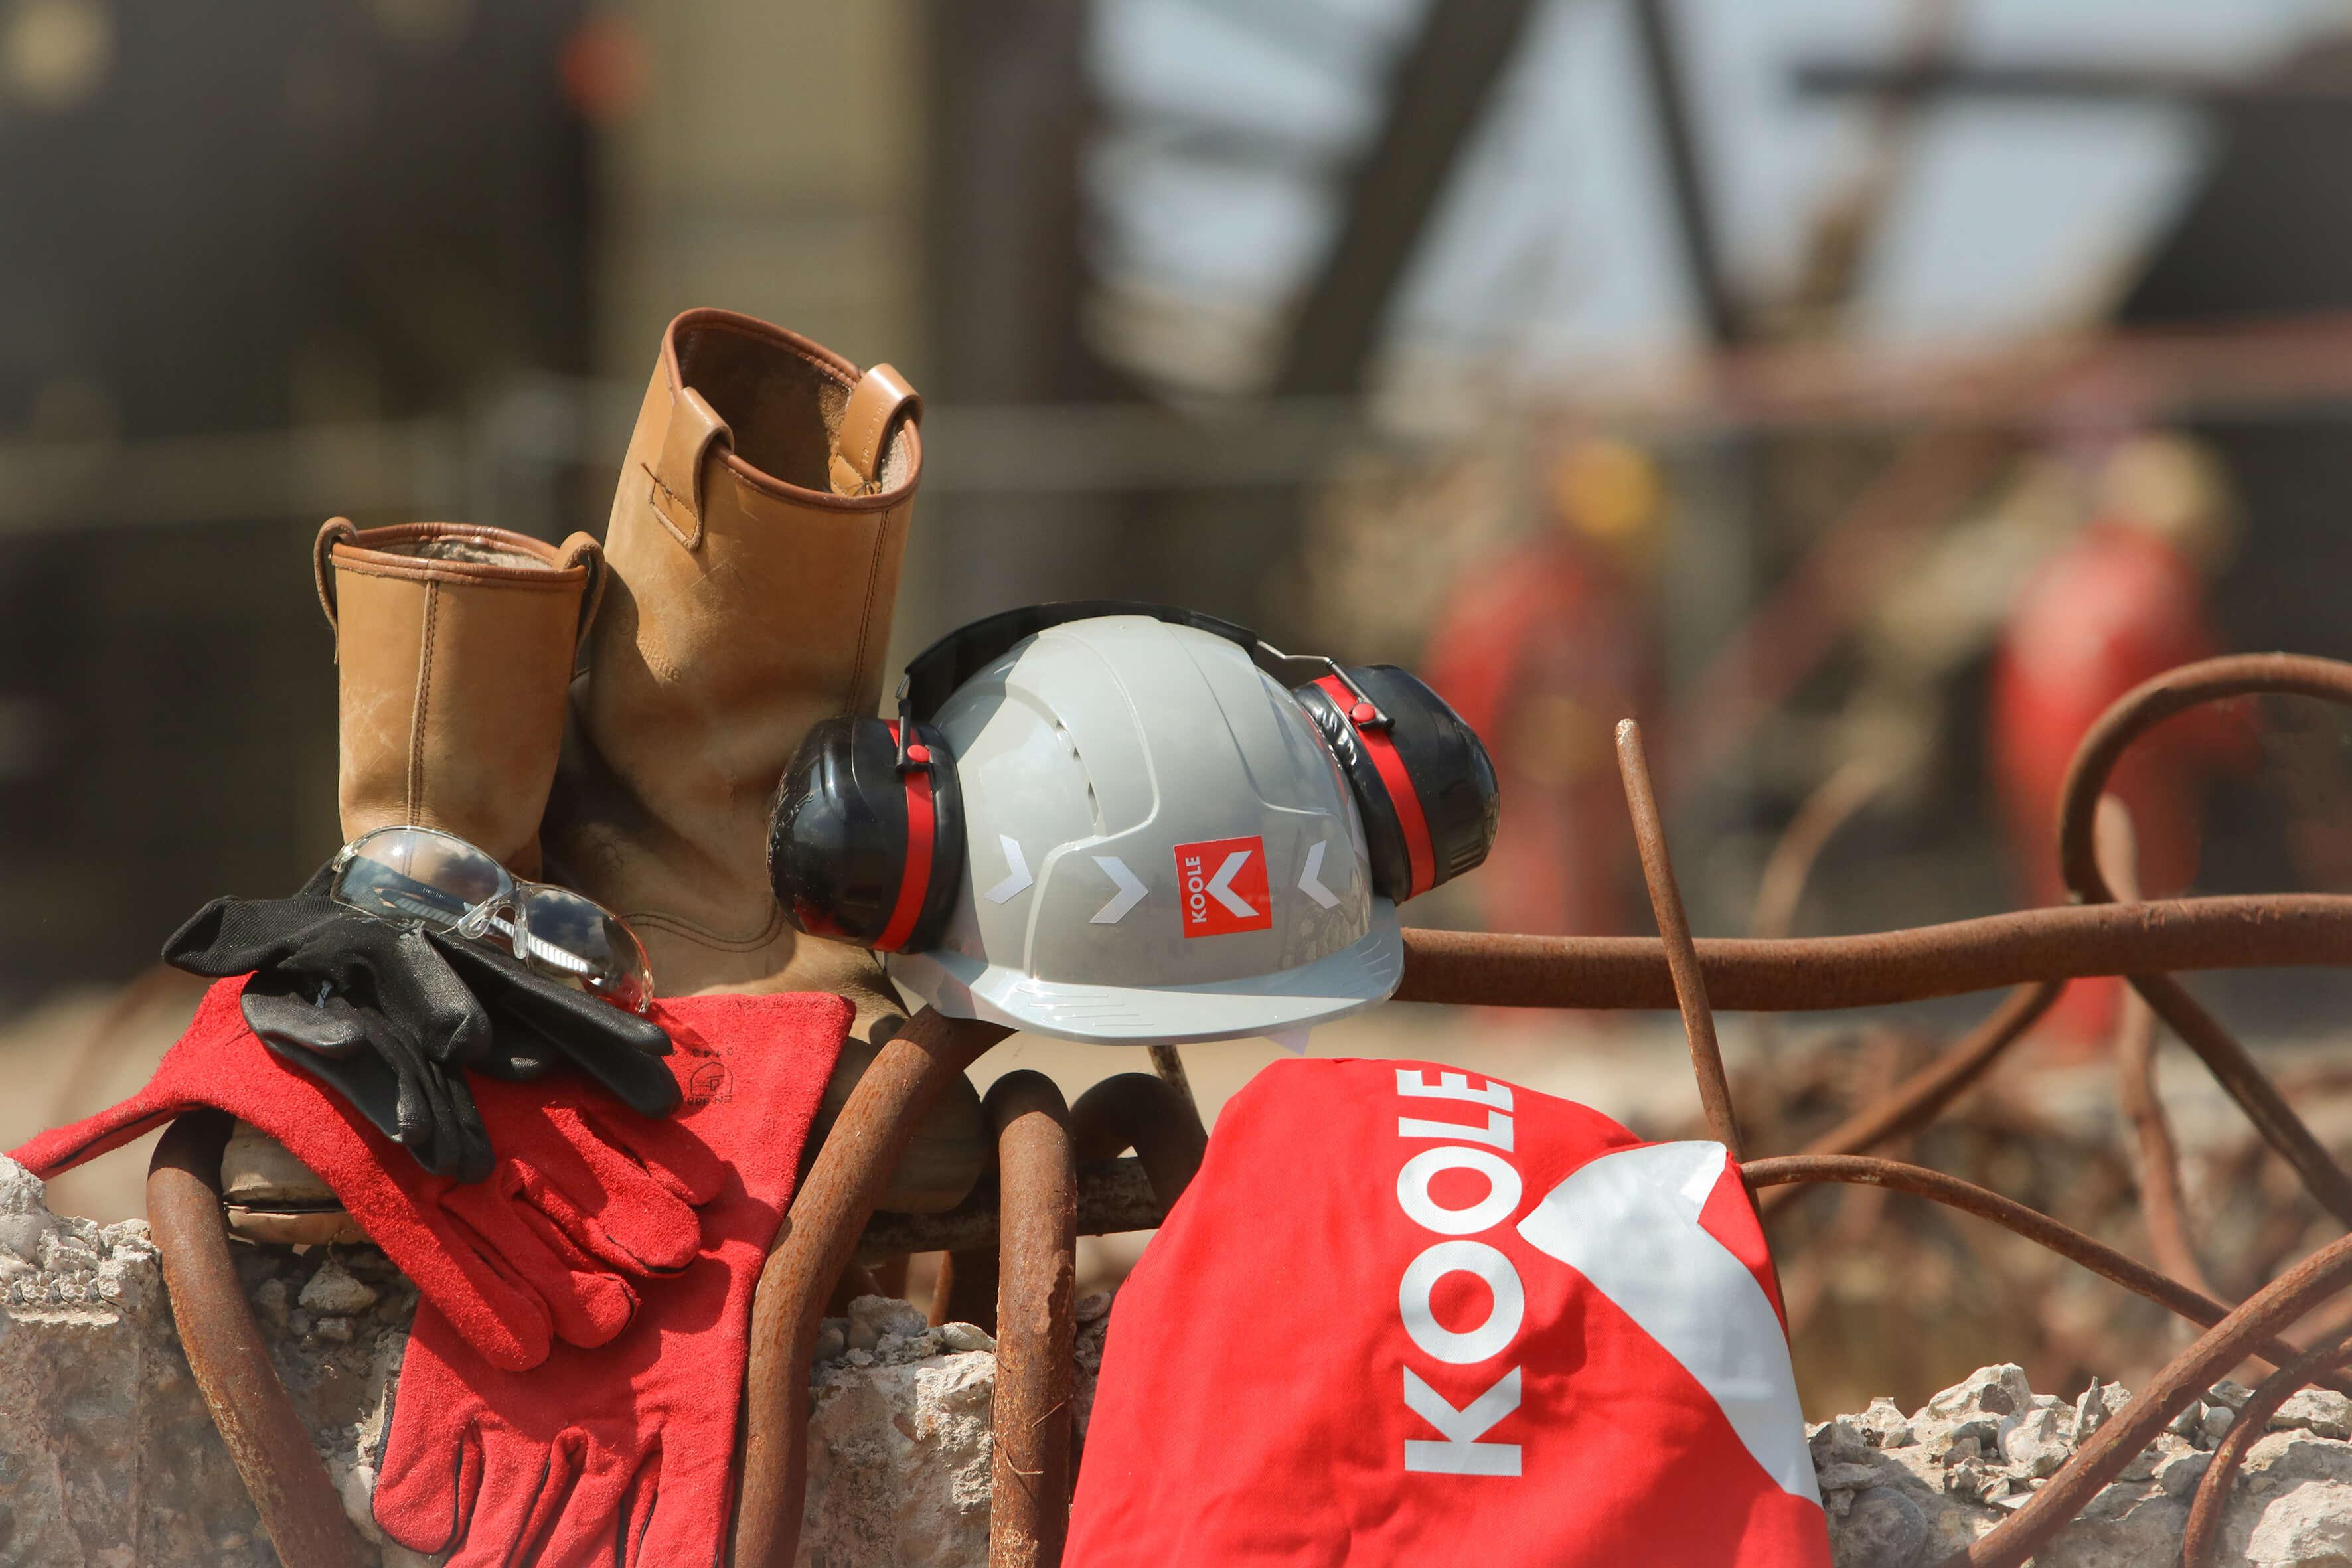 KOOLE Contractors